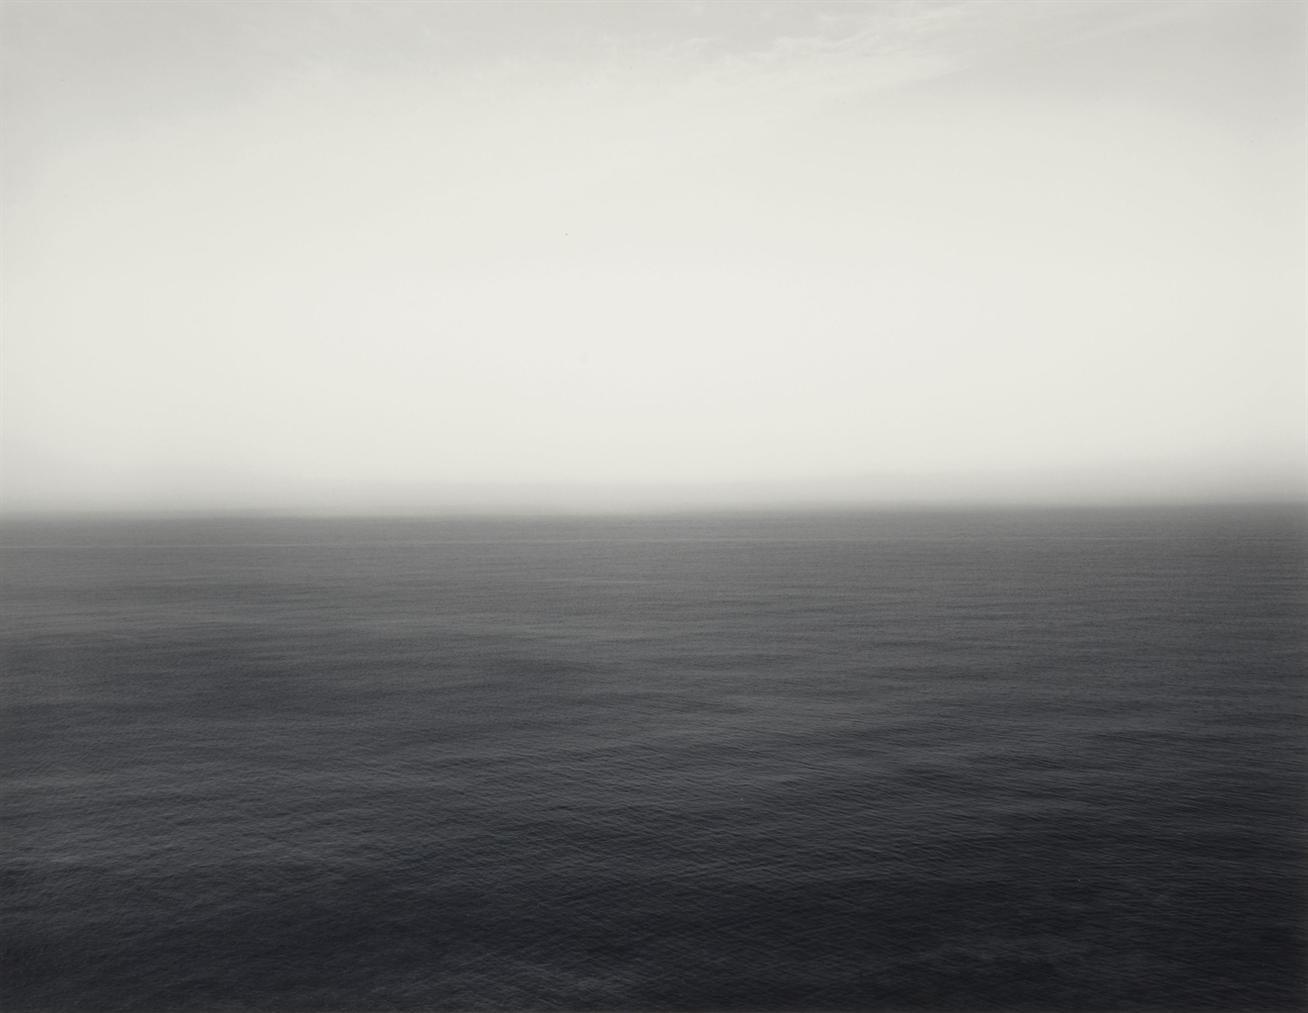 Hiroshi Sugimoto-Sea Of Japan, Hokkaido I-1986